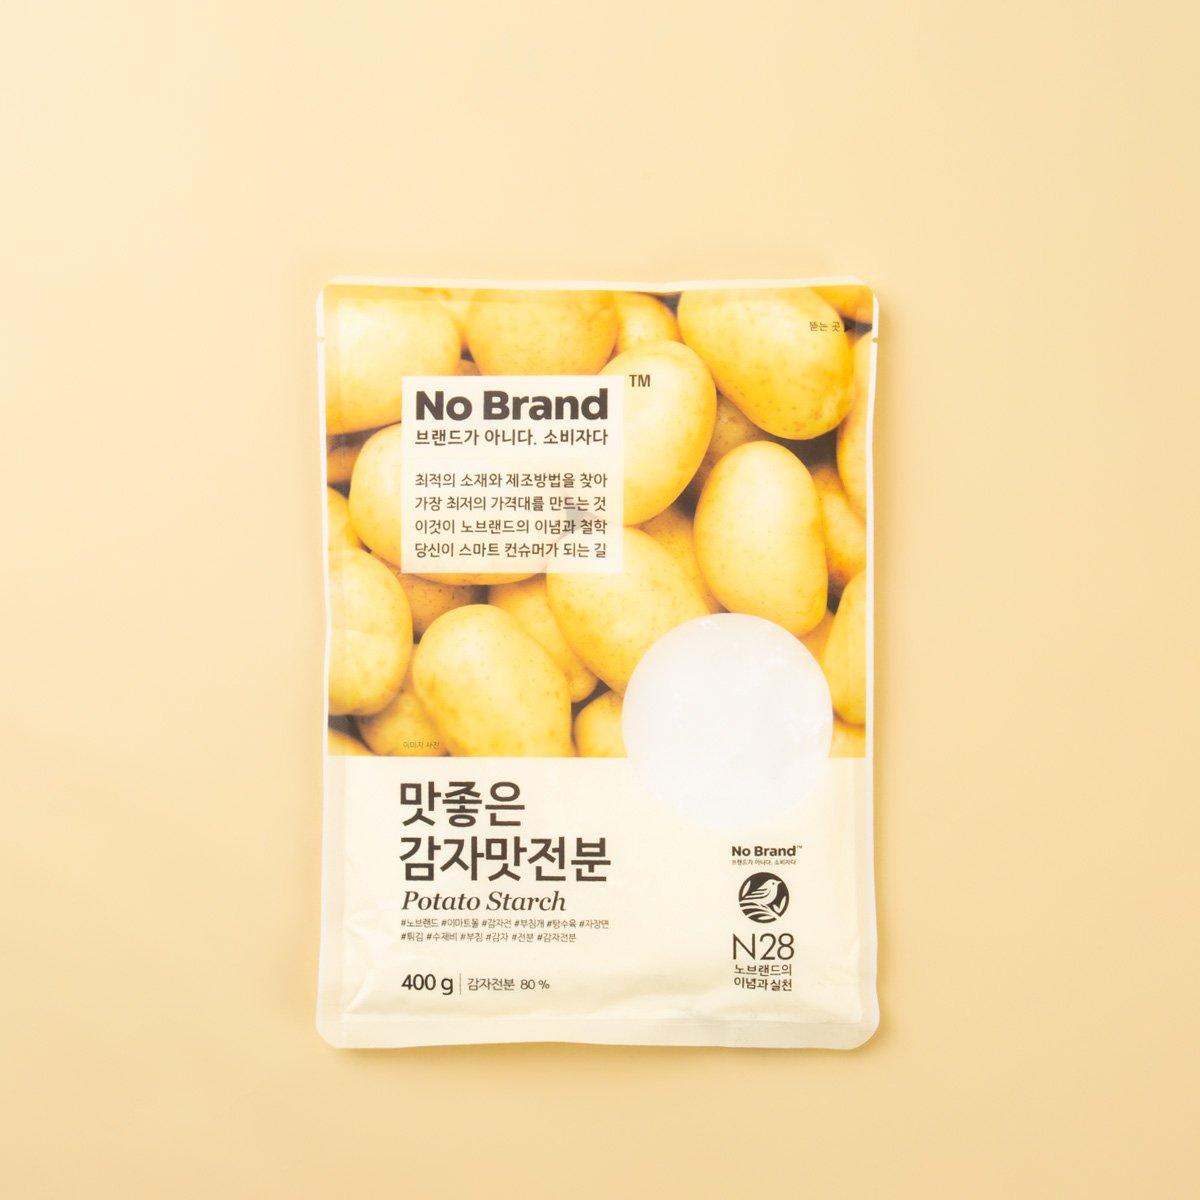 [노브랜드] 맛 좋은 감자 맛 전분 400g